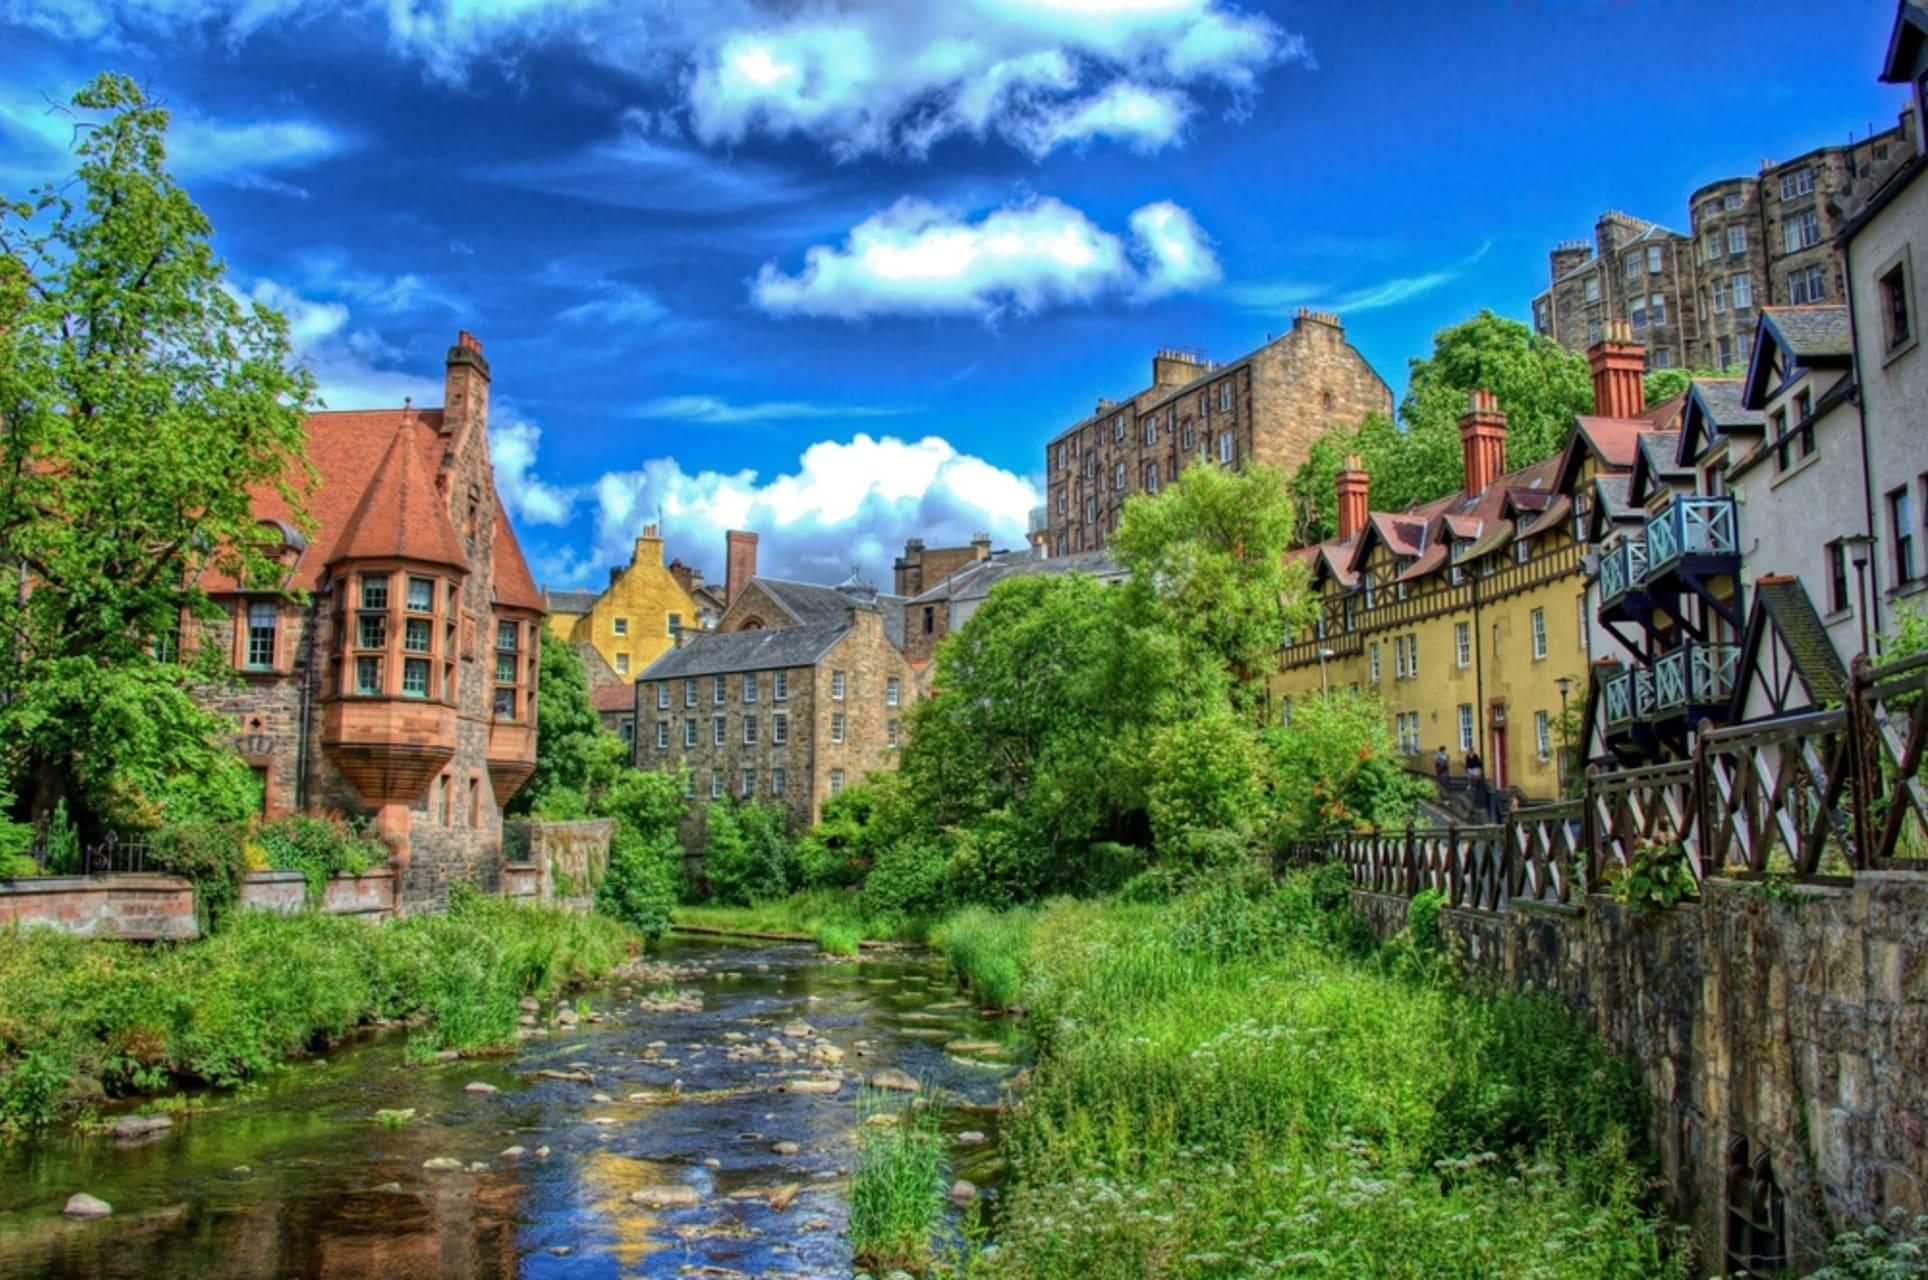 Edinburgh - Dean Village: UNESCO World Heritage Site.